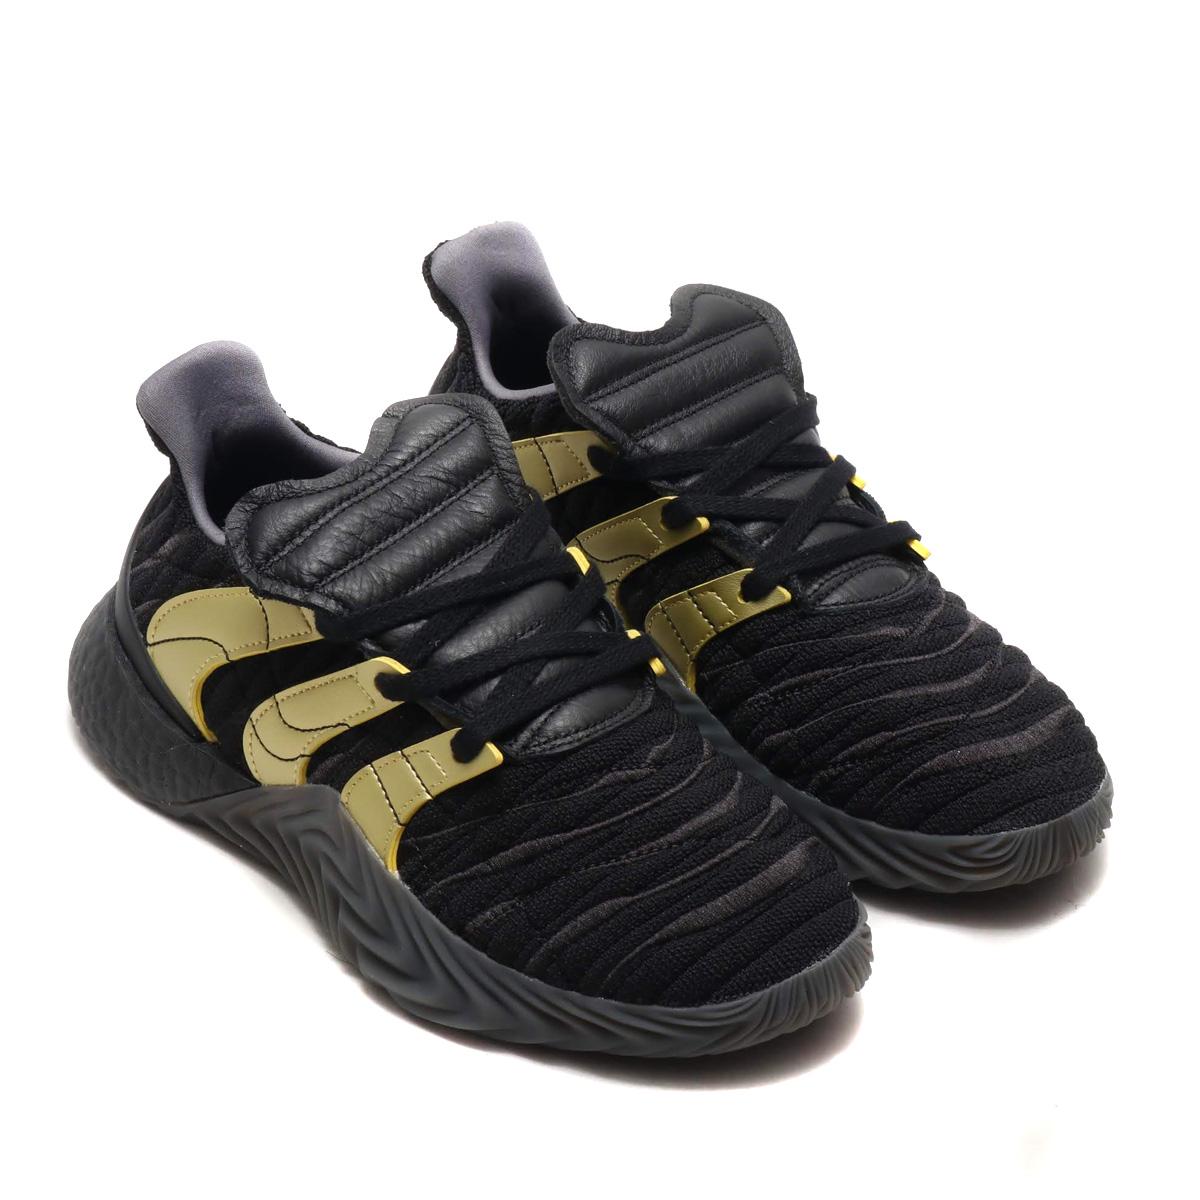 adidas Originals SOBAKOV BOOST (アディダスオリジナルス ソバコフ ブースト)CORE BLACK/GOLD MET./CARBON【メンズ スニーカー】19SP-S